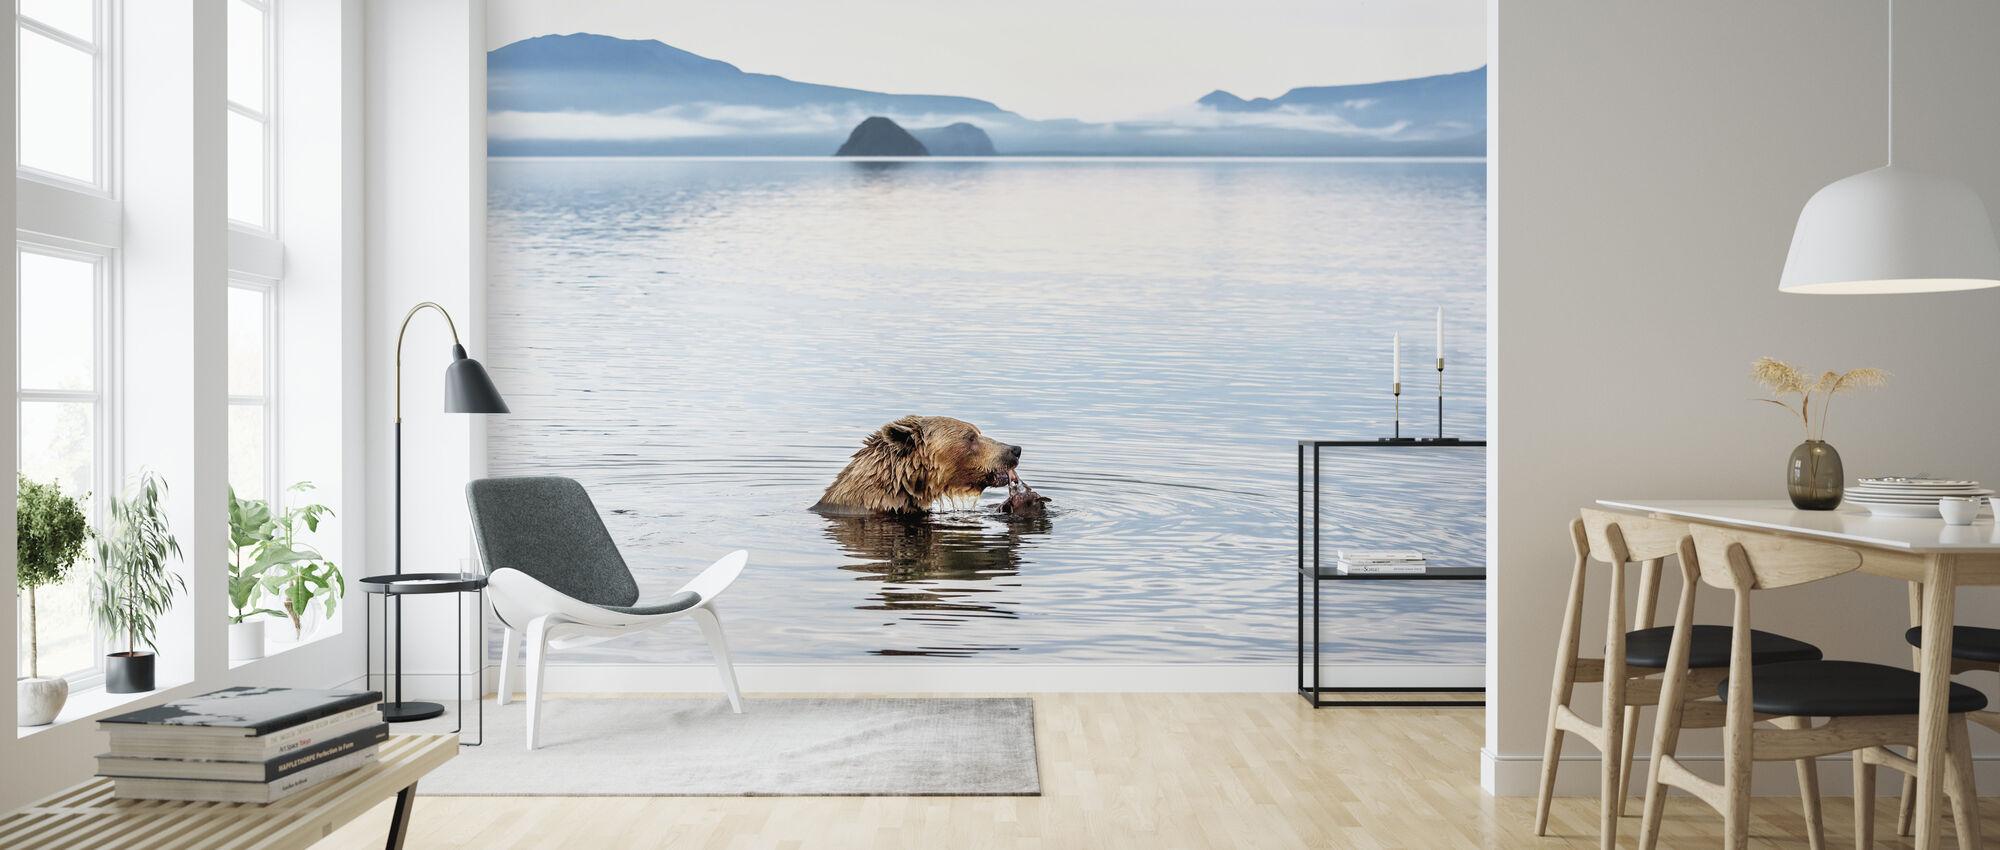 Bear Eating in the River - Wallpaper - Living Room